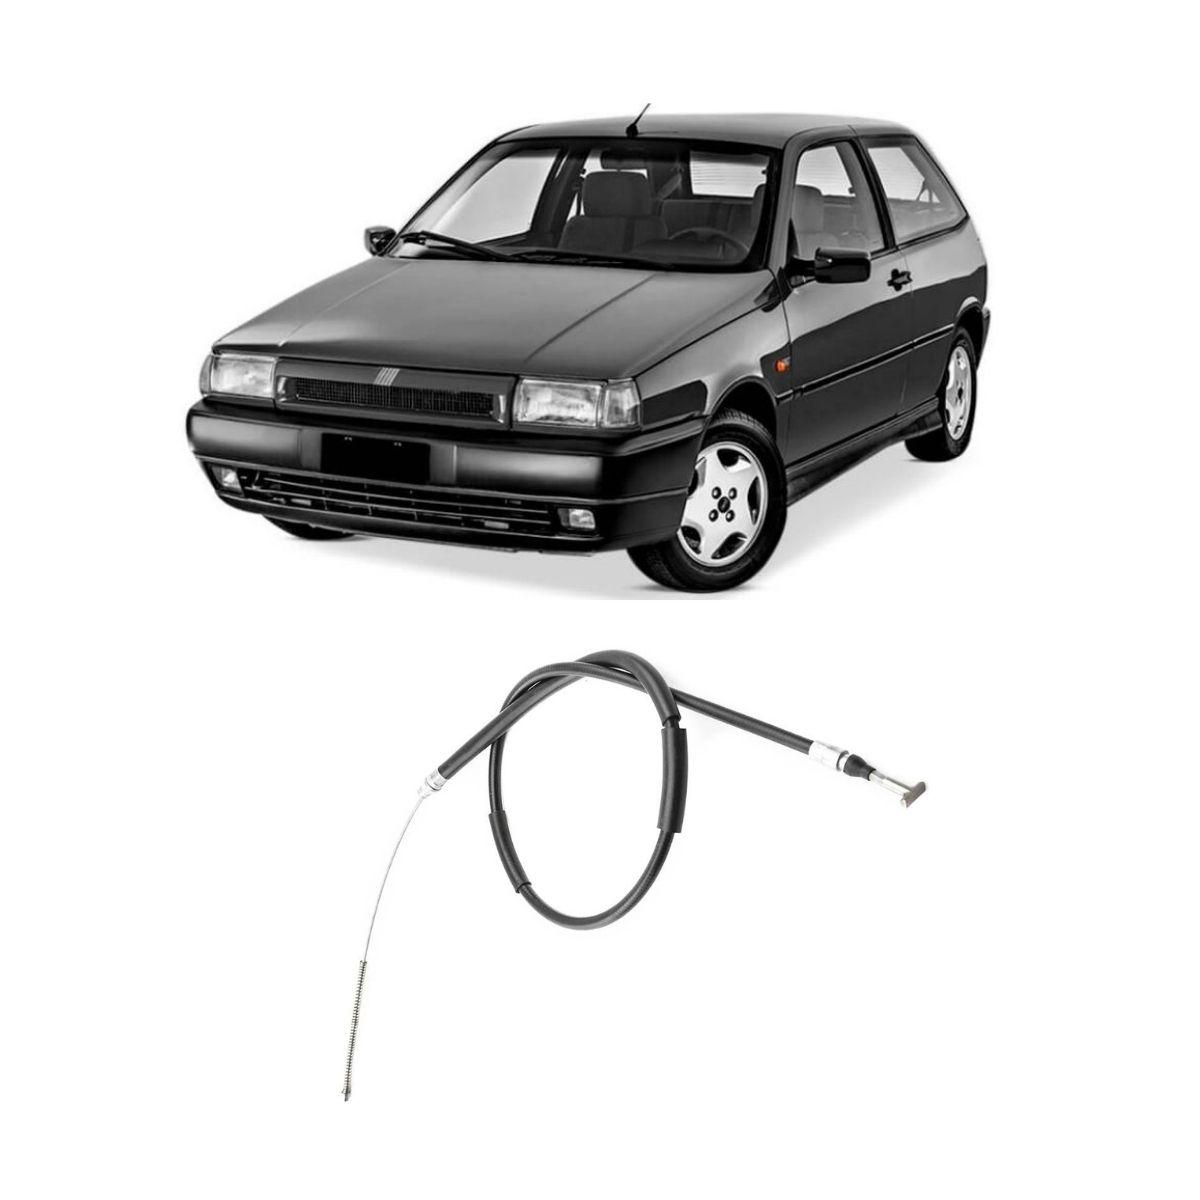 Cabo De Freio Traseiro Esquerdo Fiat Tipo 1993/1997 1417mm